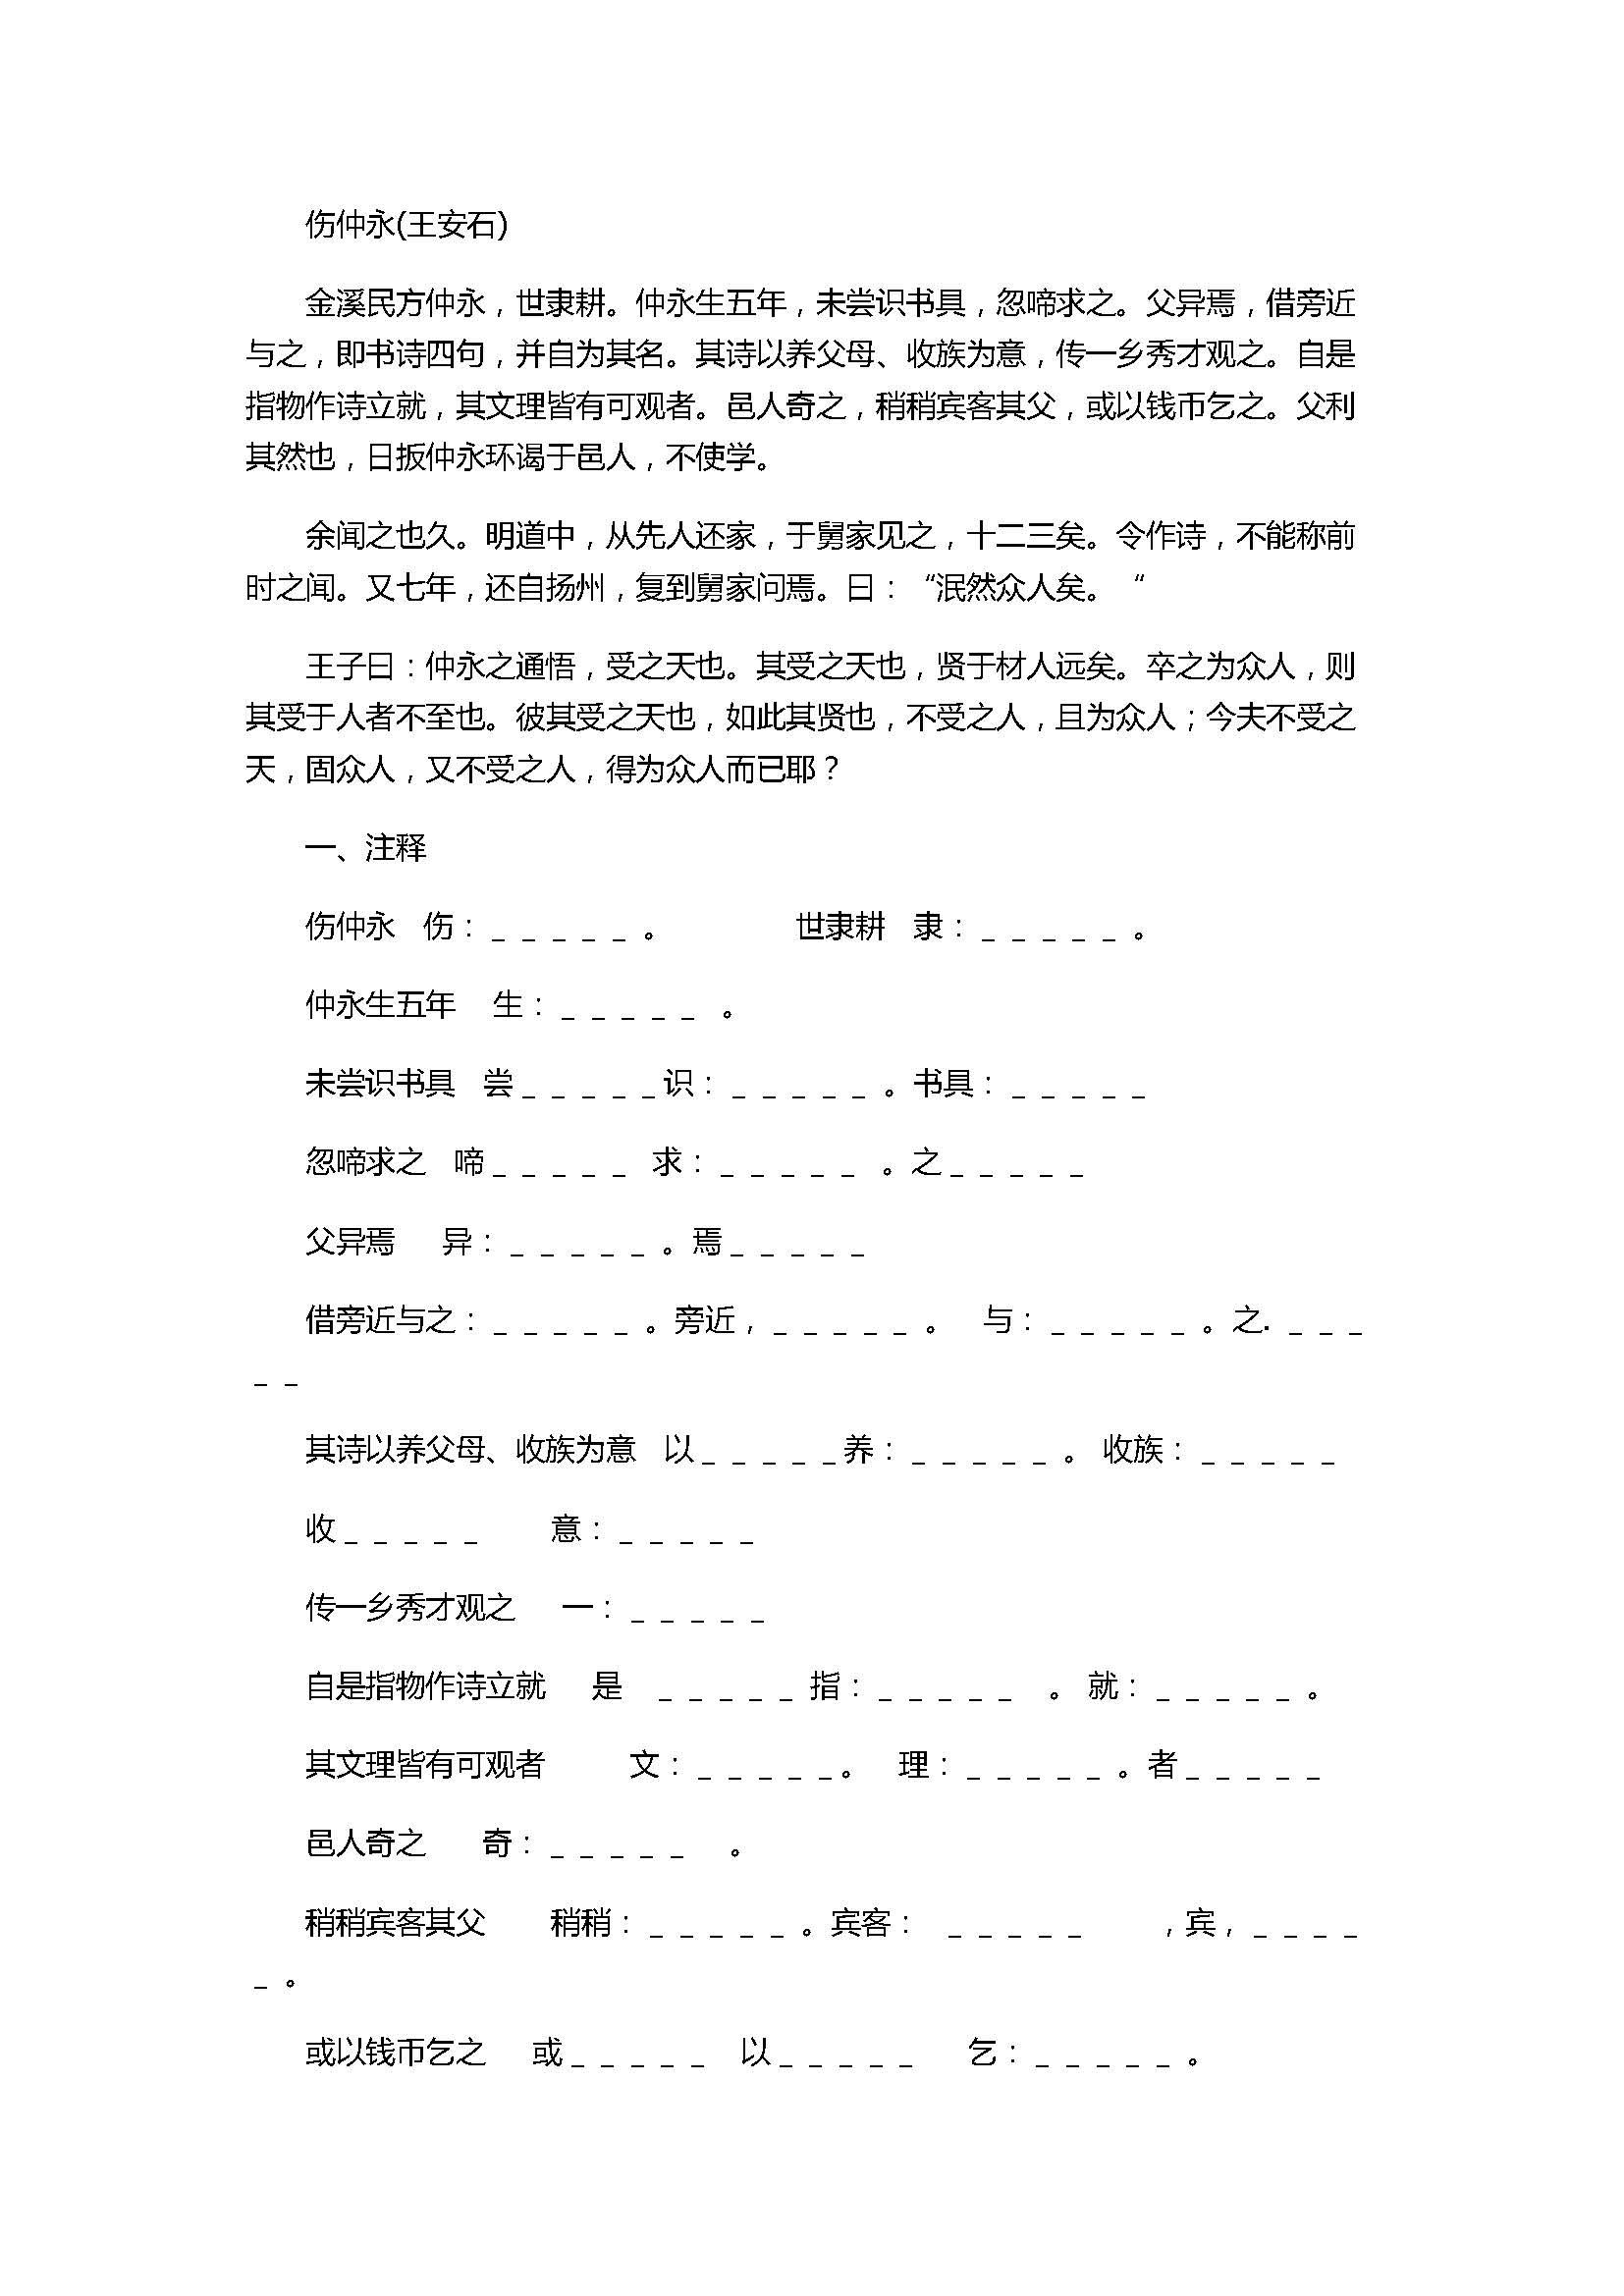 2017七年级语文下册《伤仲永》精编同步练习题含参考答案